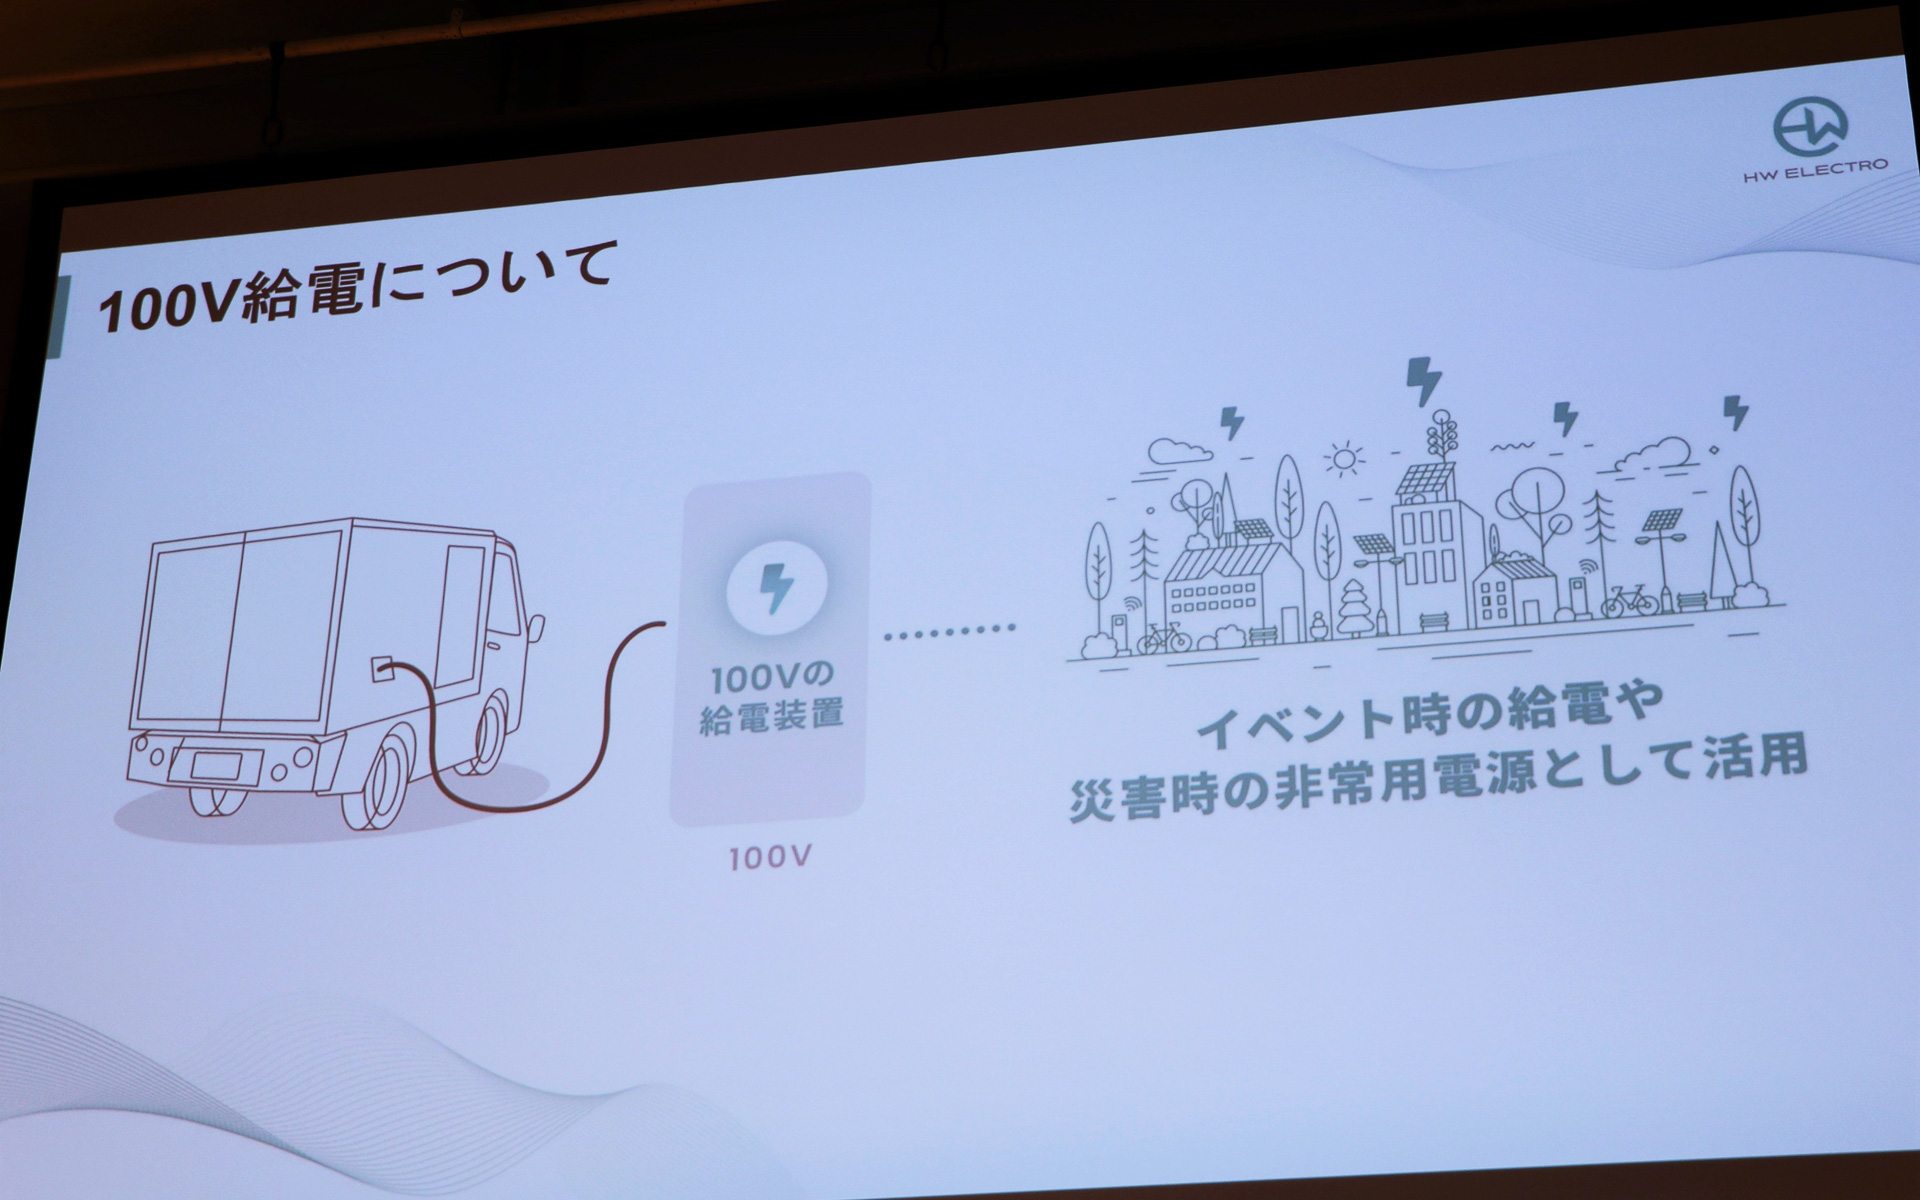 100V給電ができることで災害時やイベント時に活用可能